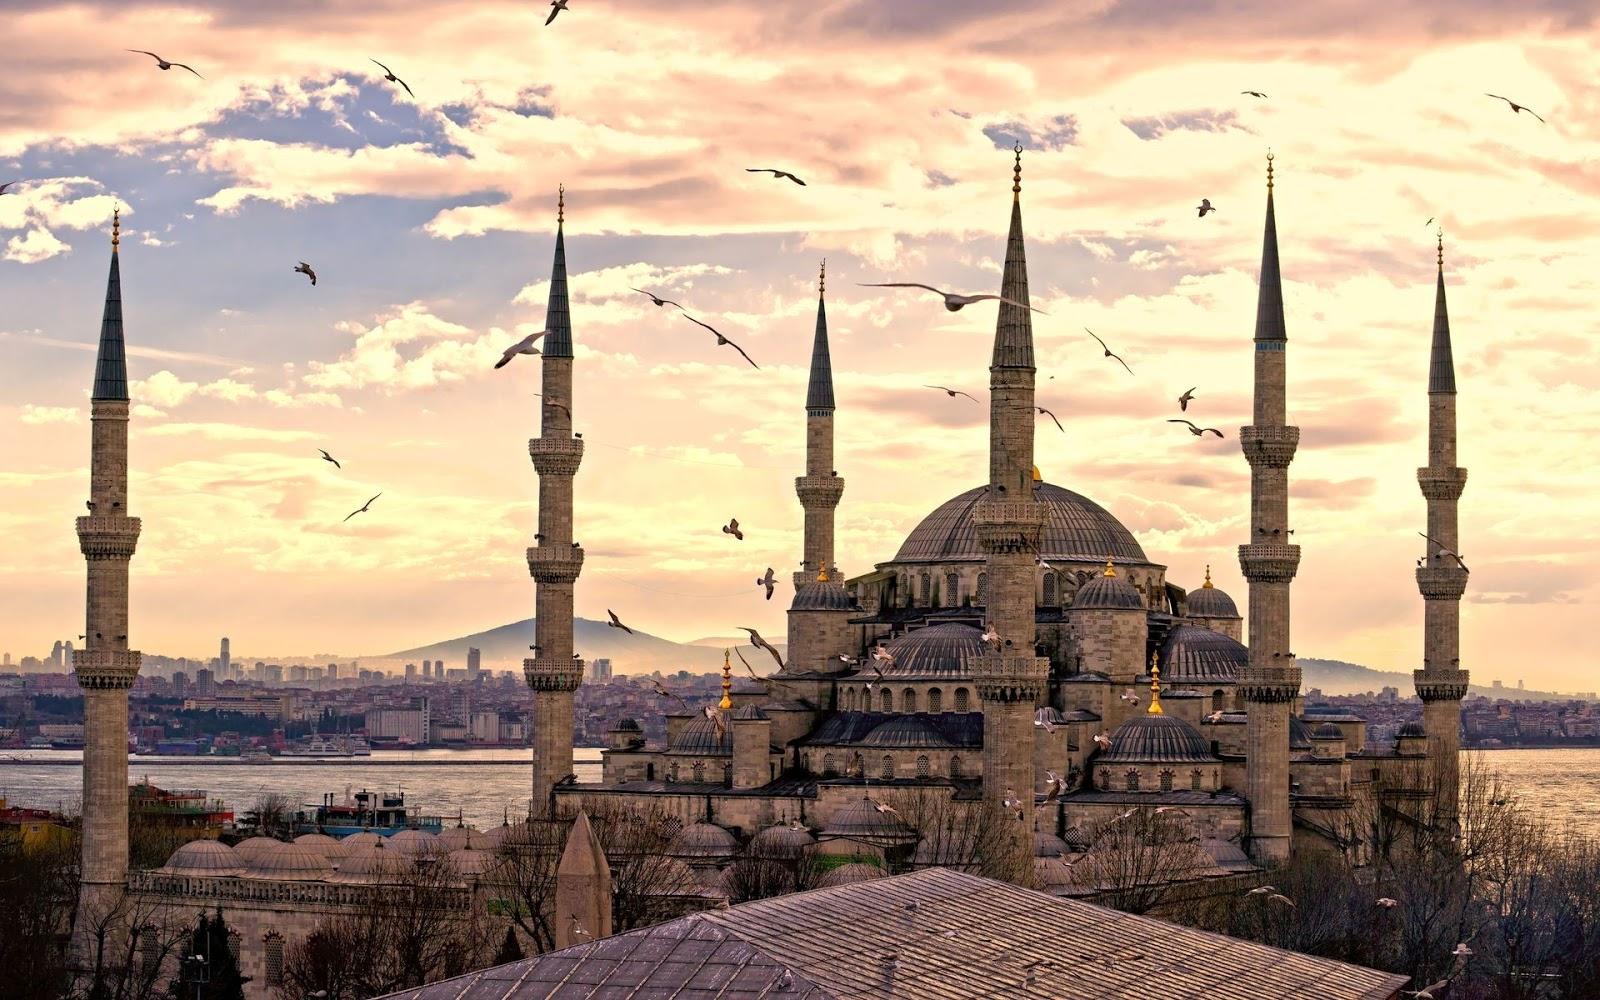 بالصور اجمل الصور الاسلامية في العالم , معالم اسلاميه حول العالم 4675 1